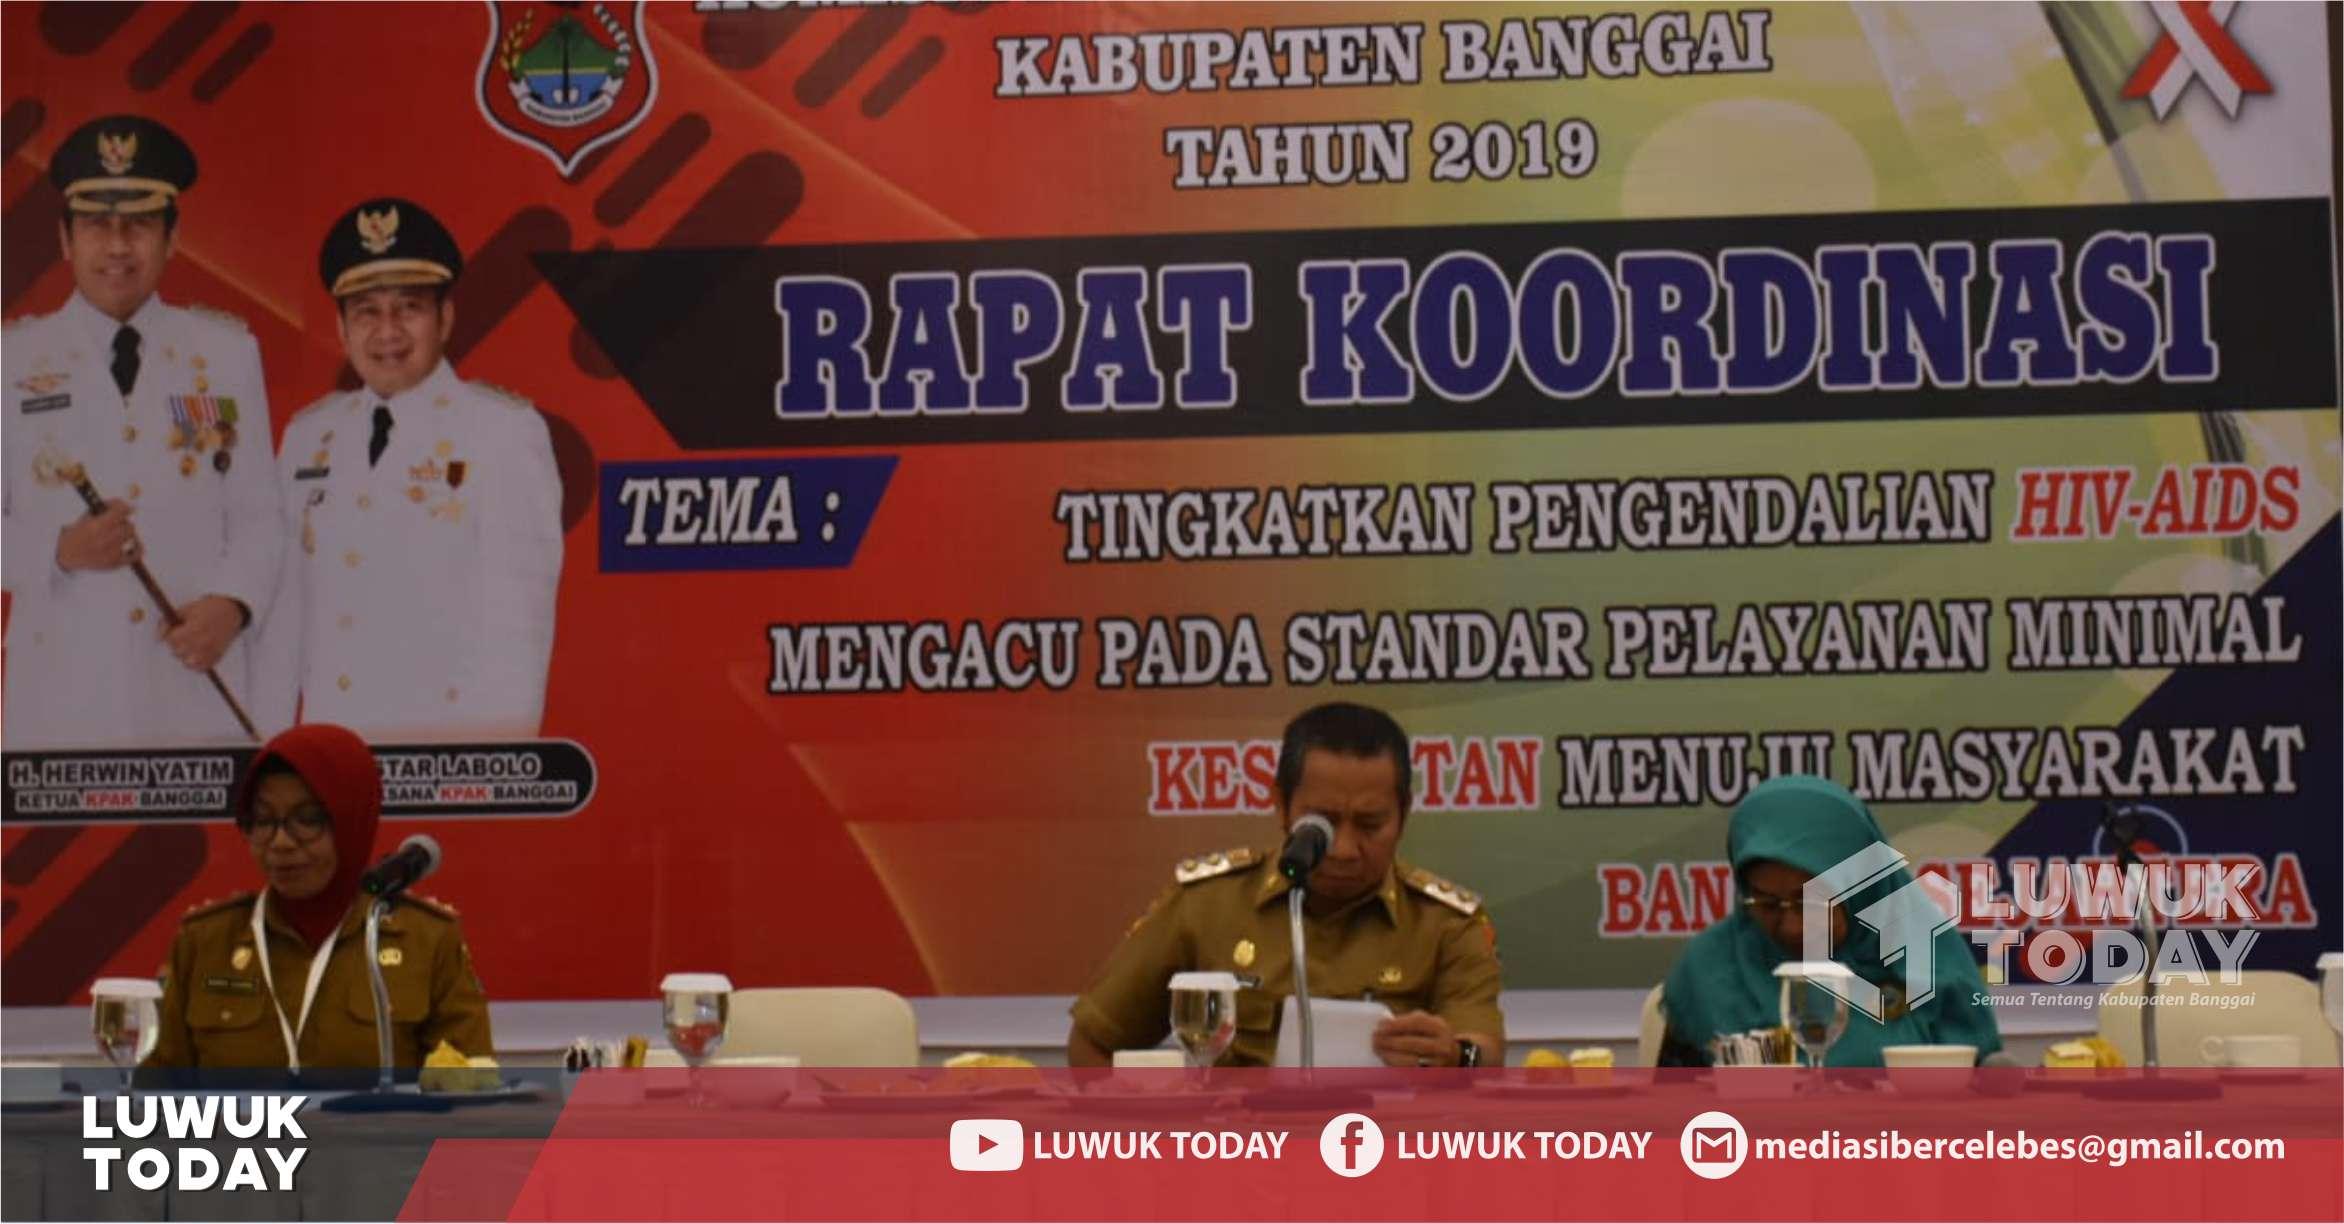 Foto Wakil Bupati Banggai H. Mustar Labolo membuka secara resmi Rapat Koordinasi Pengendalian HIV AIDS Kabupaten Banggai, Senin (23/9/2019).